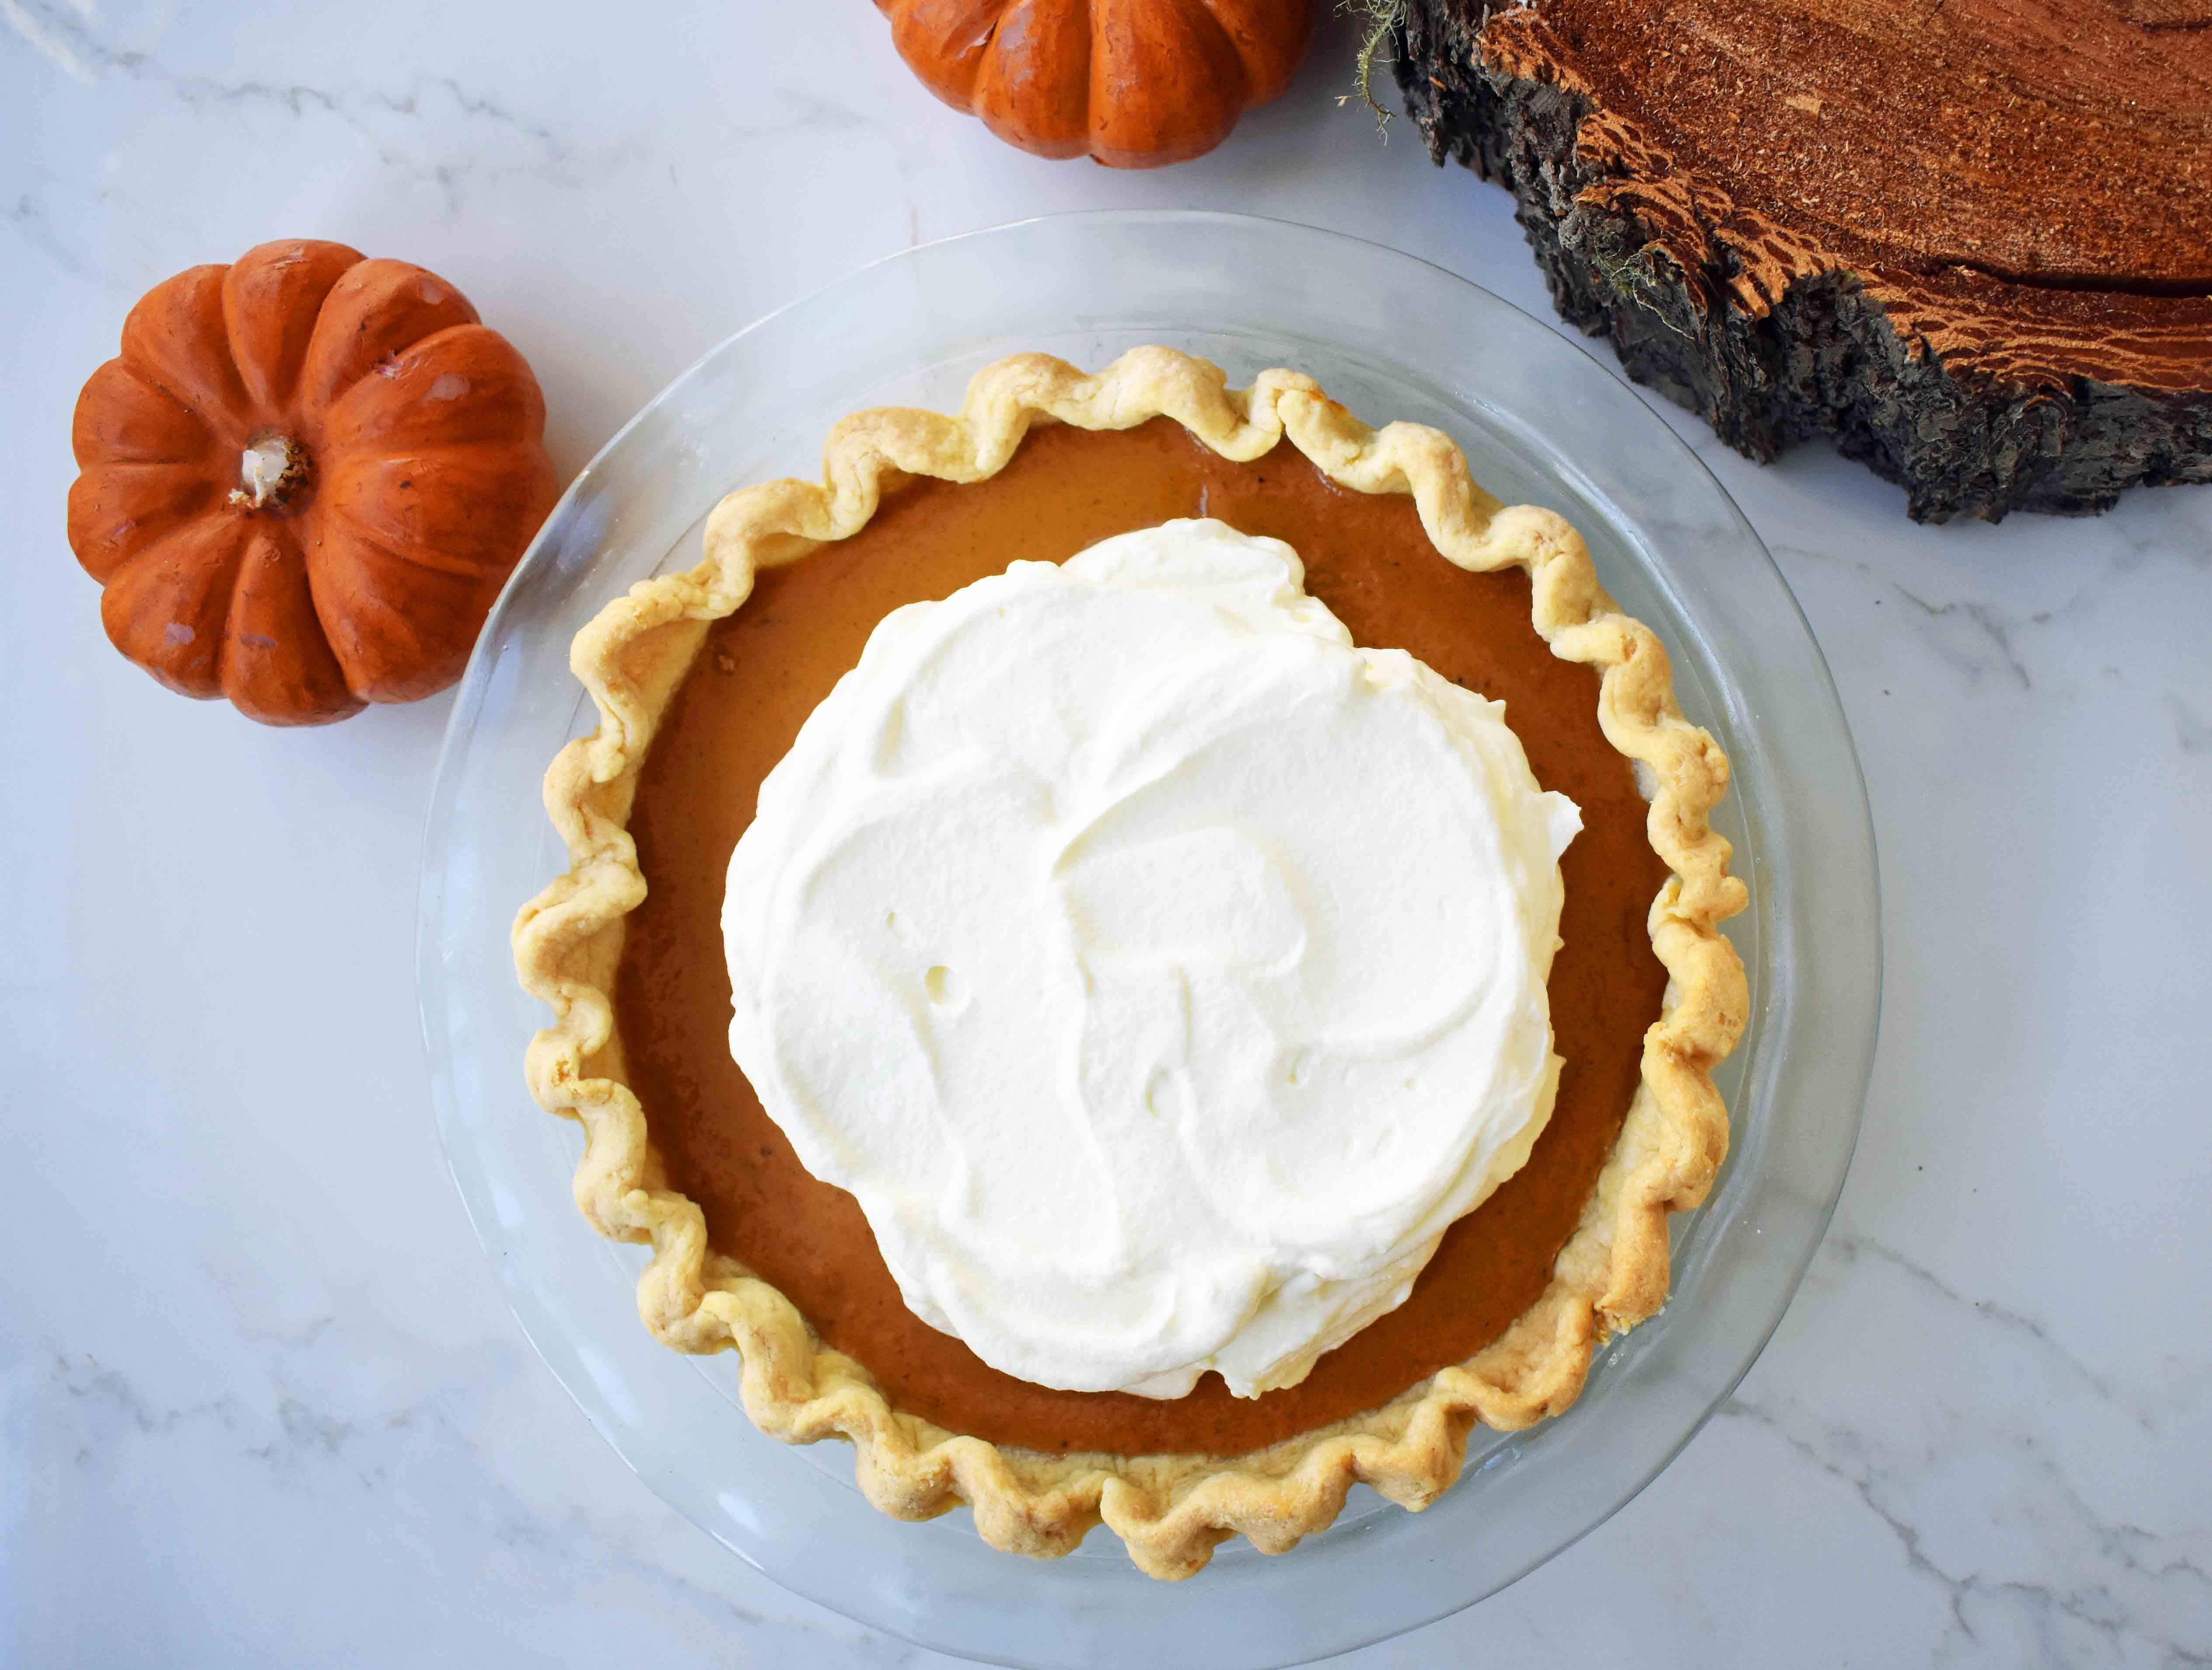 recipe: pumpkin pie with condensed milk vs evaporated milk [31]